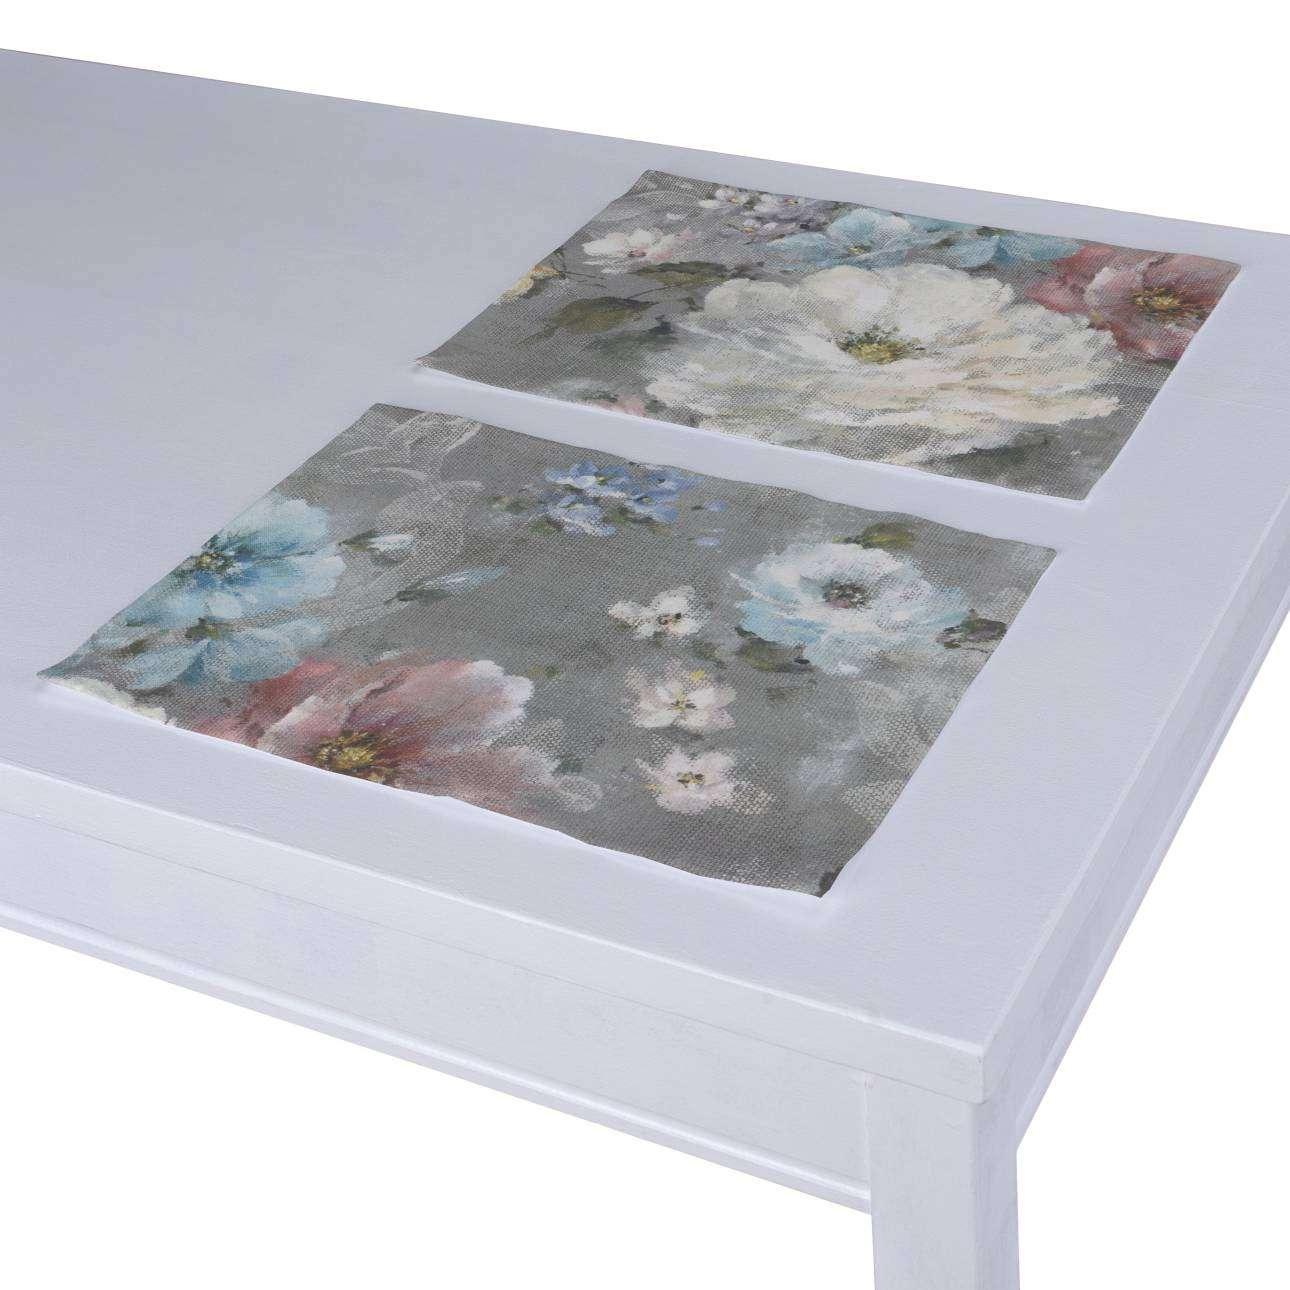 Stalo servetėlės/stalo padėkliukai – 2 vnt. 30 × 40 cm kolekcijoje Monet, audinys: 137-81